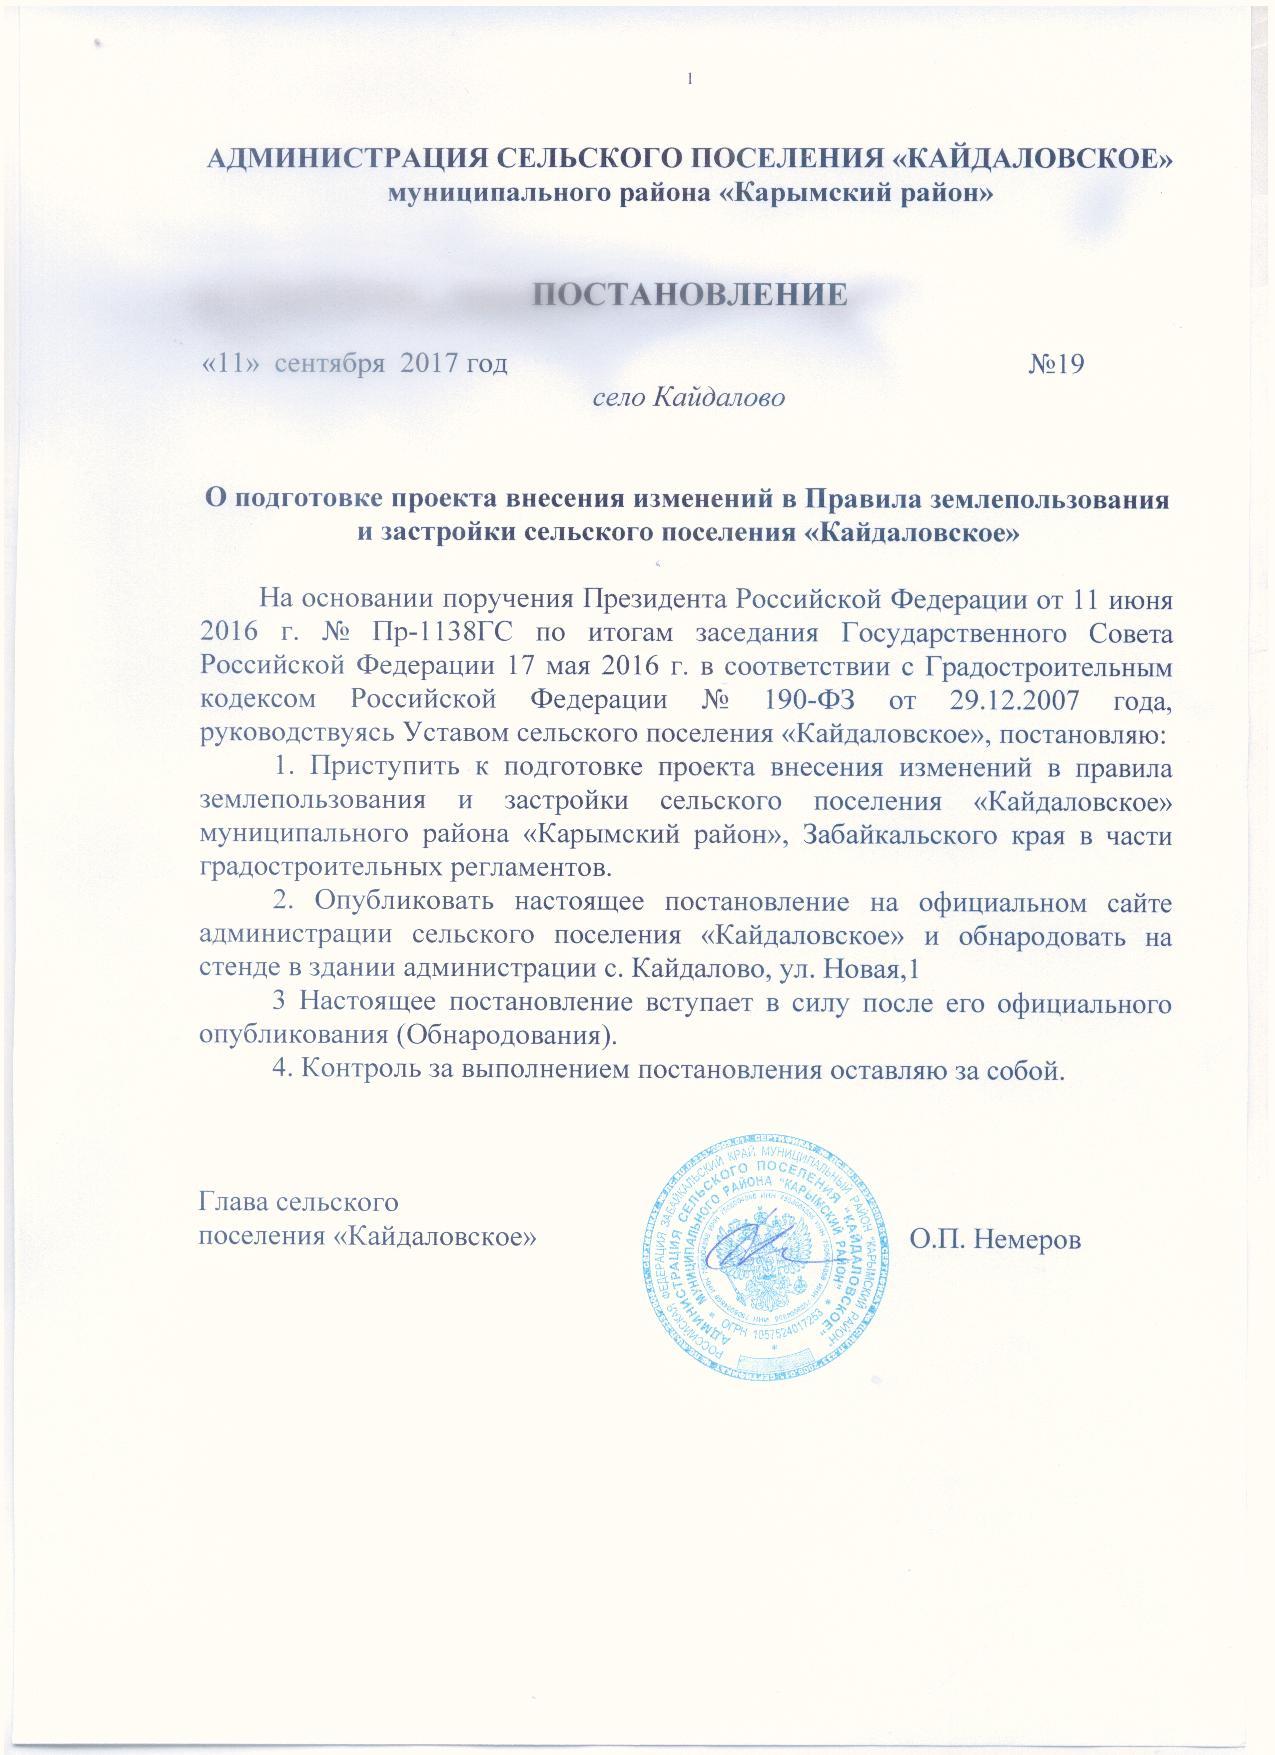 сп Кайдаловское внес изм в ПЗЗ